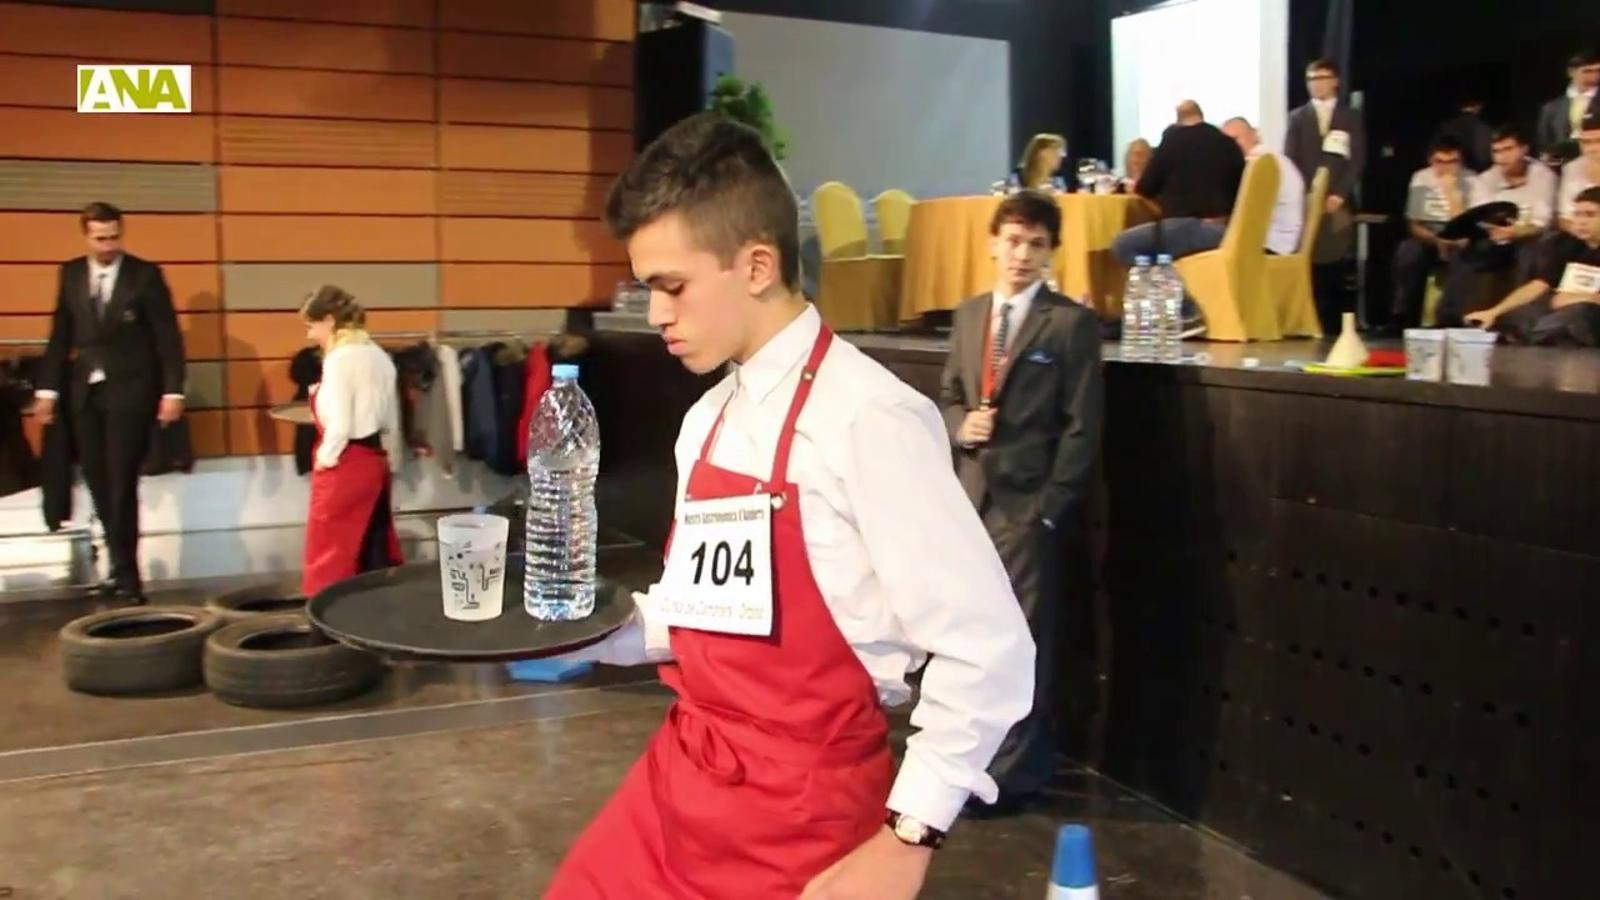 Resum de la cursa de cambrers que s'ha fet aquest divendres al matí a Ordino, amb motiu de la Mostra Gastronòmica